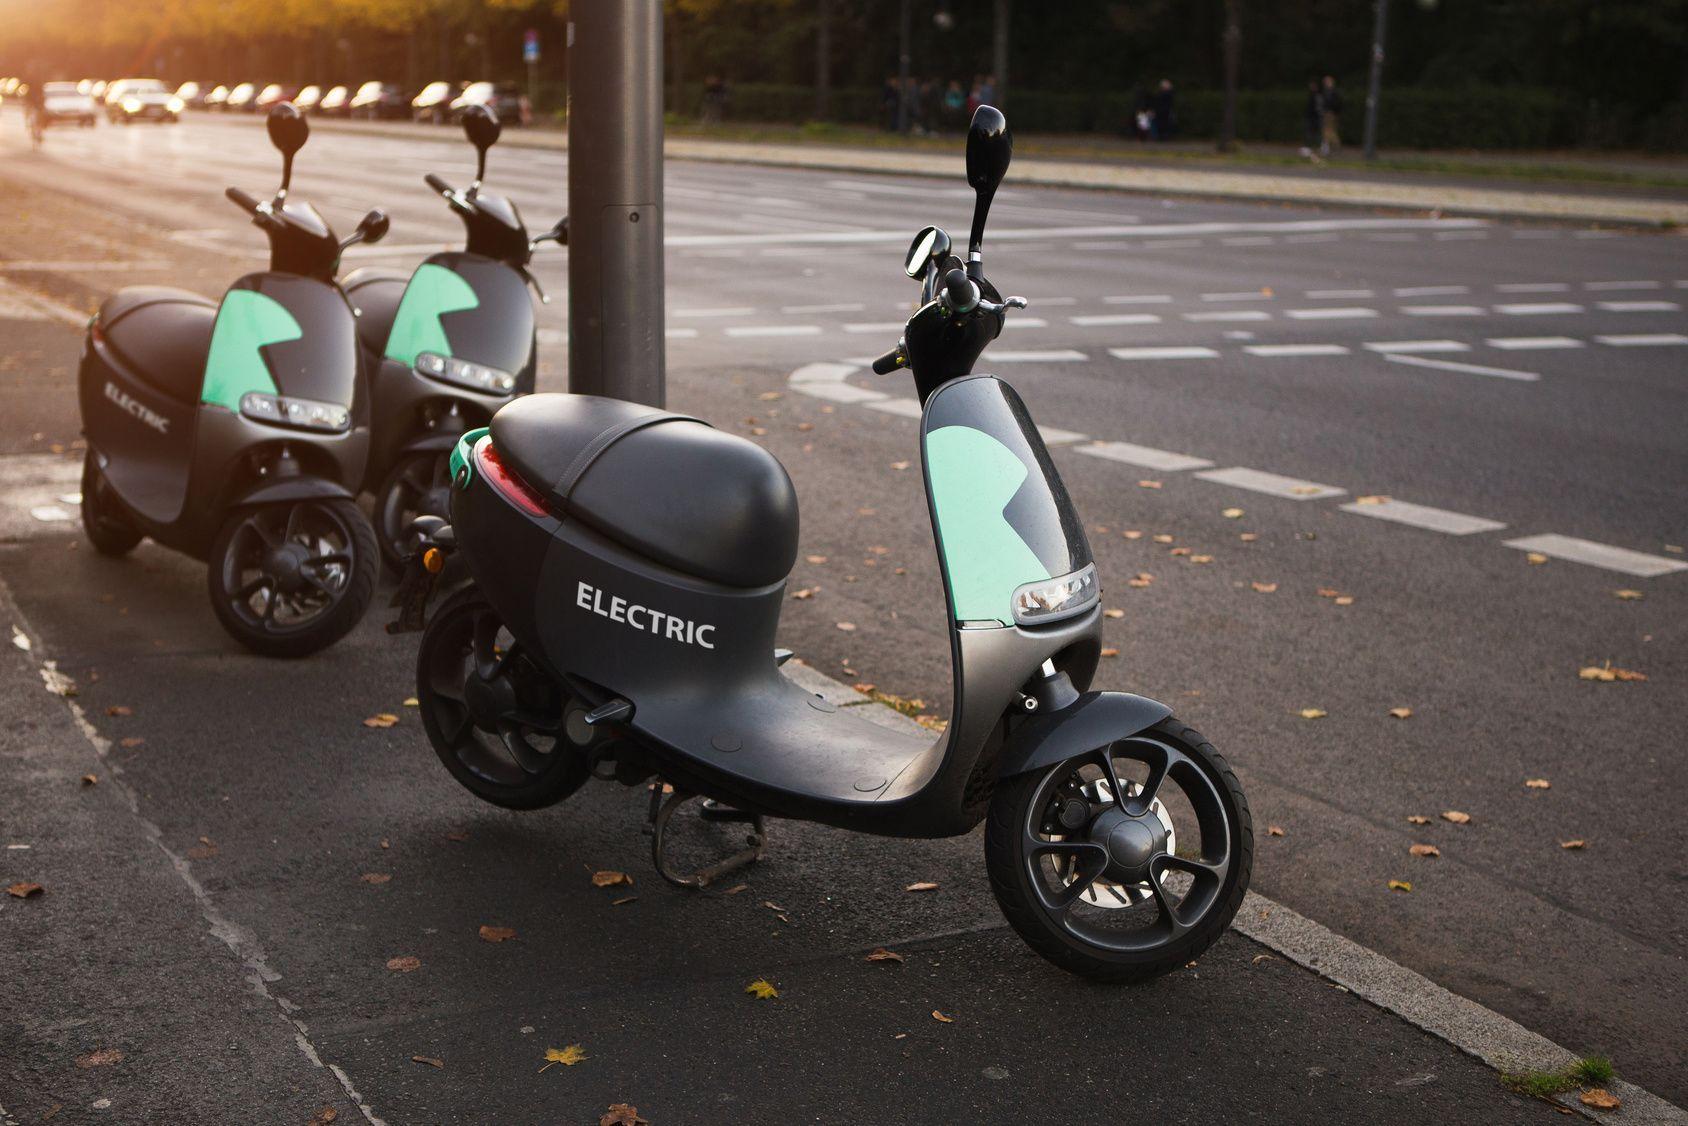 Fotografia El número de motos eléctricas sigue aumentando